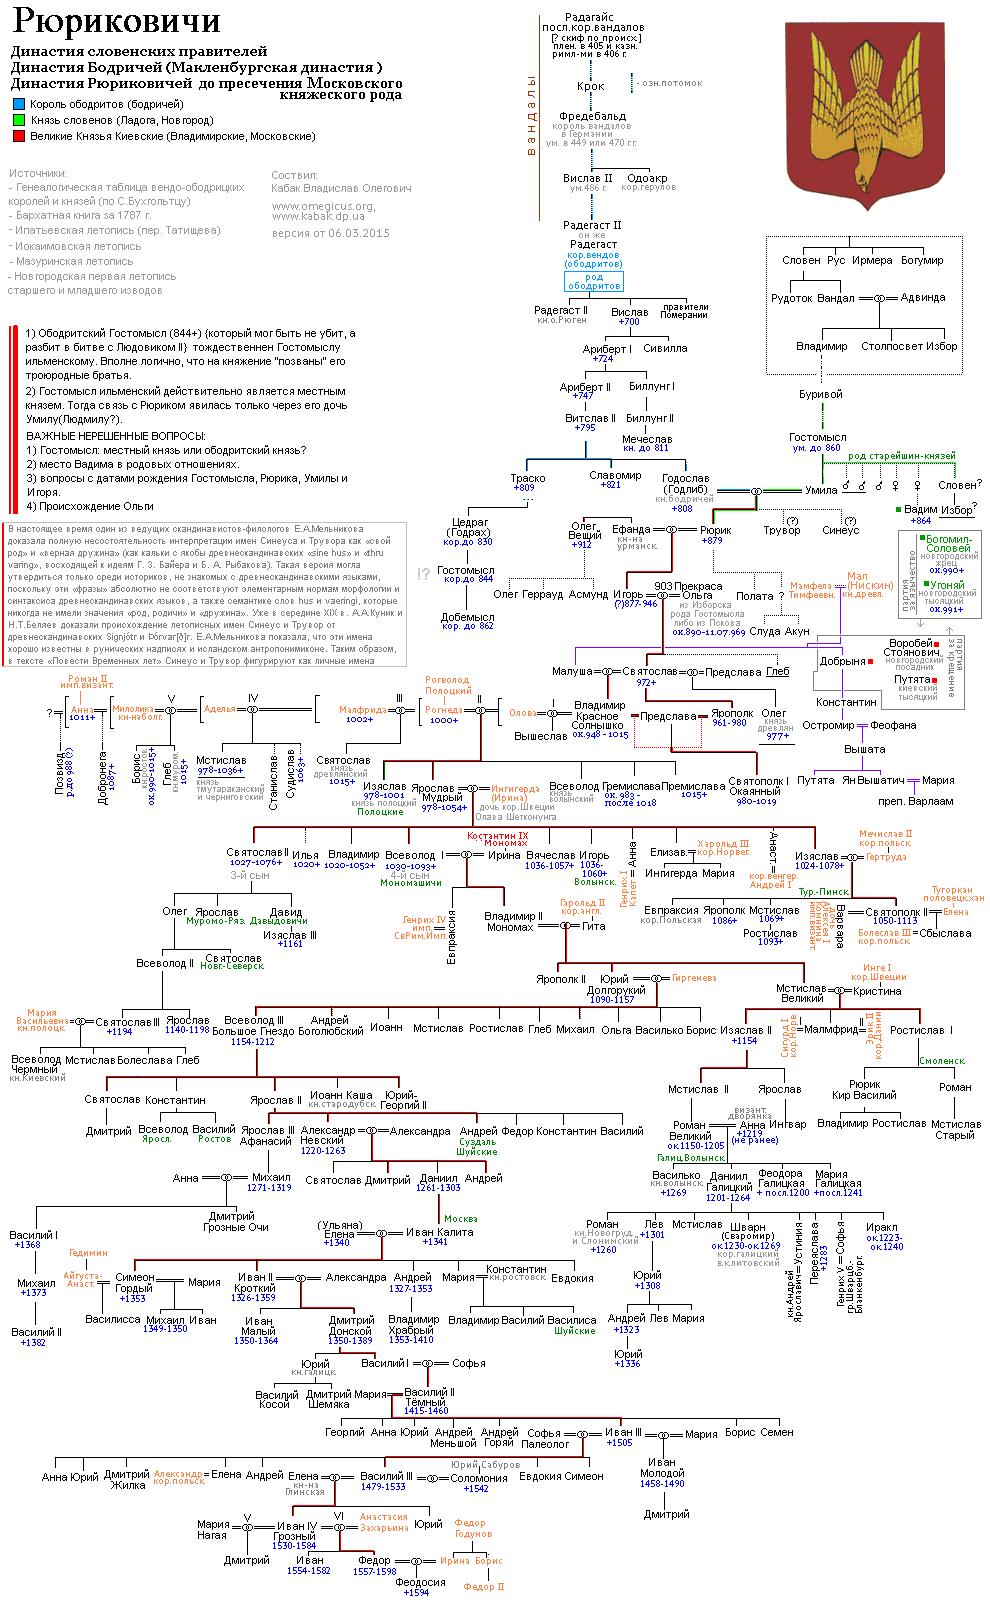 Династия рюриковичей схема с датами правления таблица